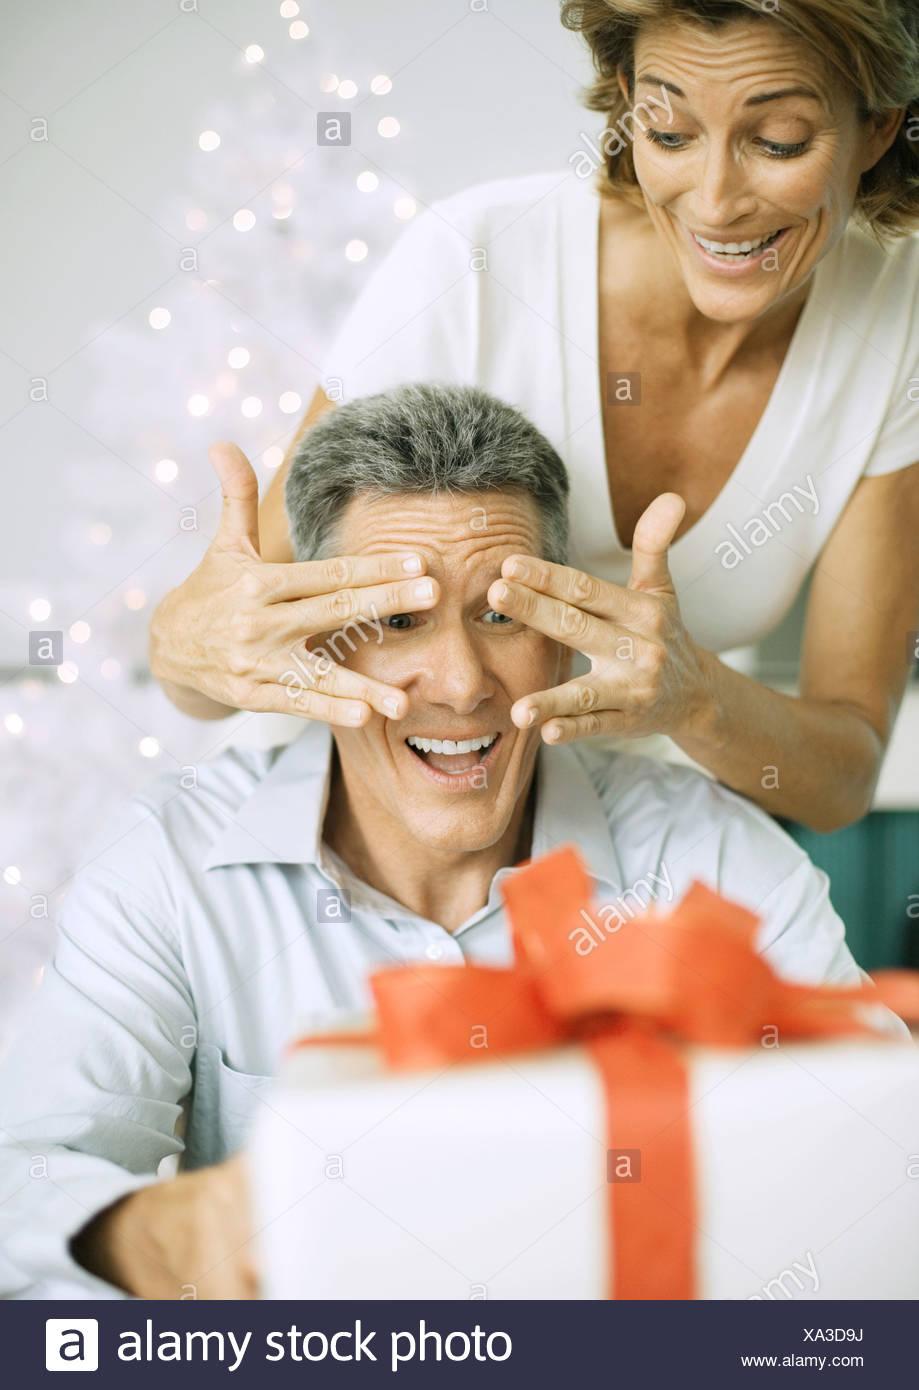 Frau Mann mit Weihnachtsgeschenk überraschen Stockfoto, Bild ...